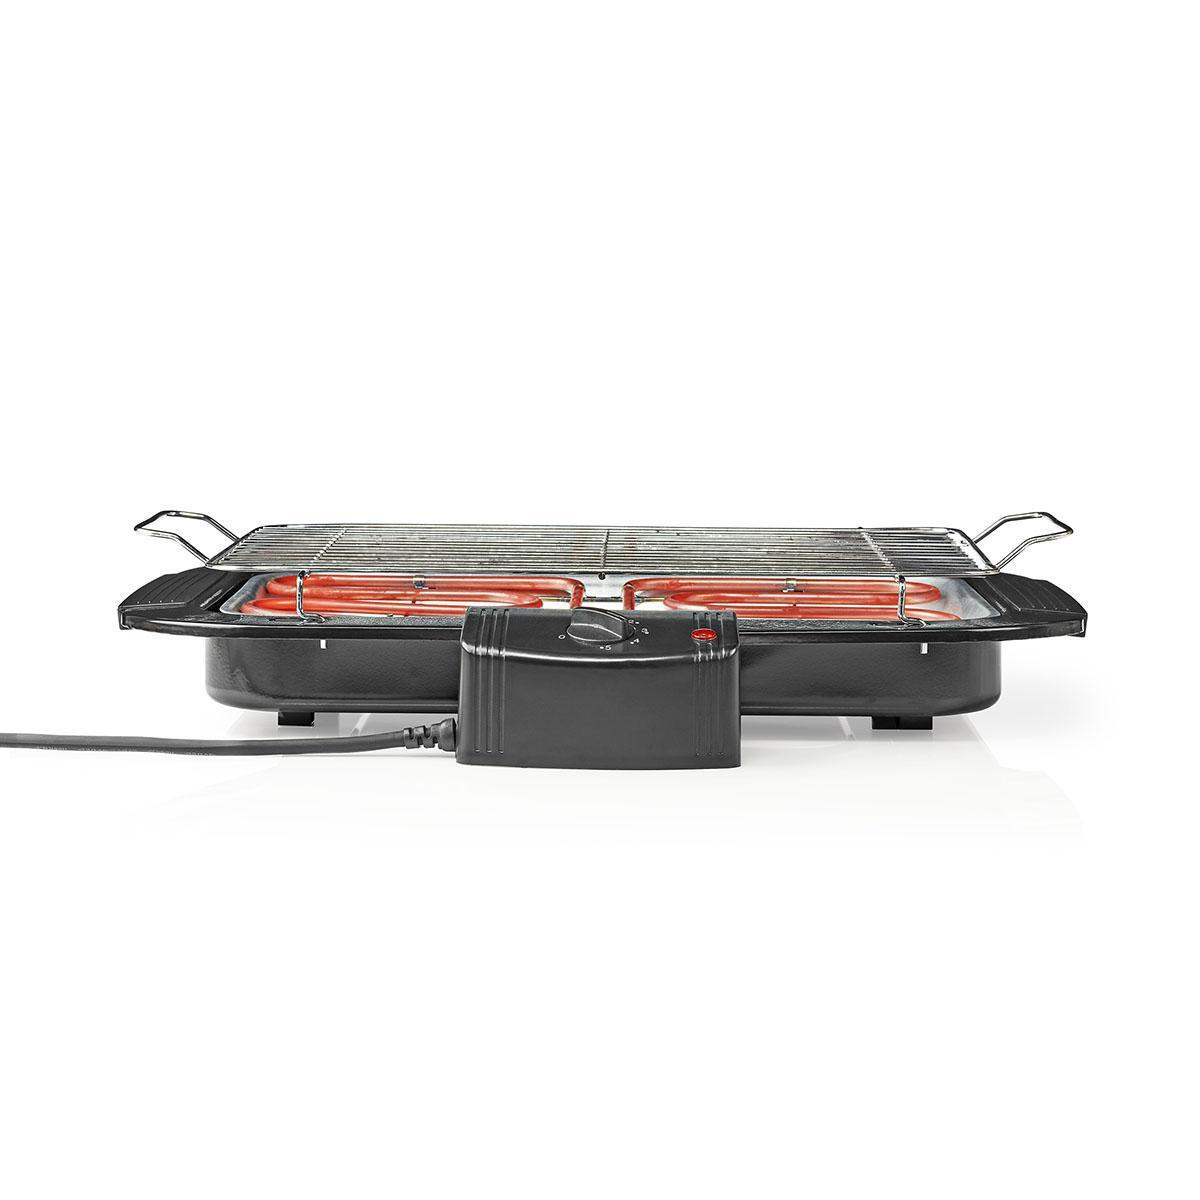 Elektrický obdélníkový gril NEDIS BBQE110BK, 38 × 22 cm, 2 000 W